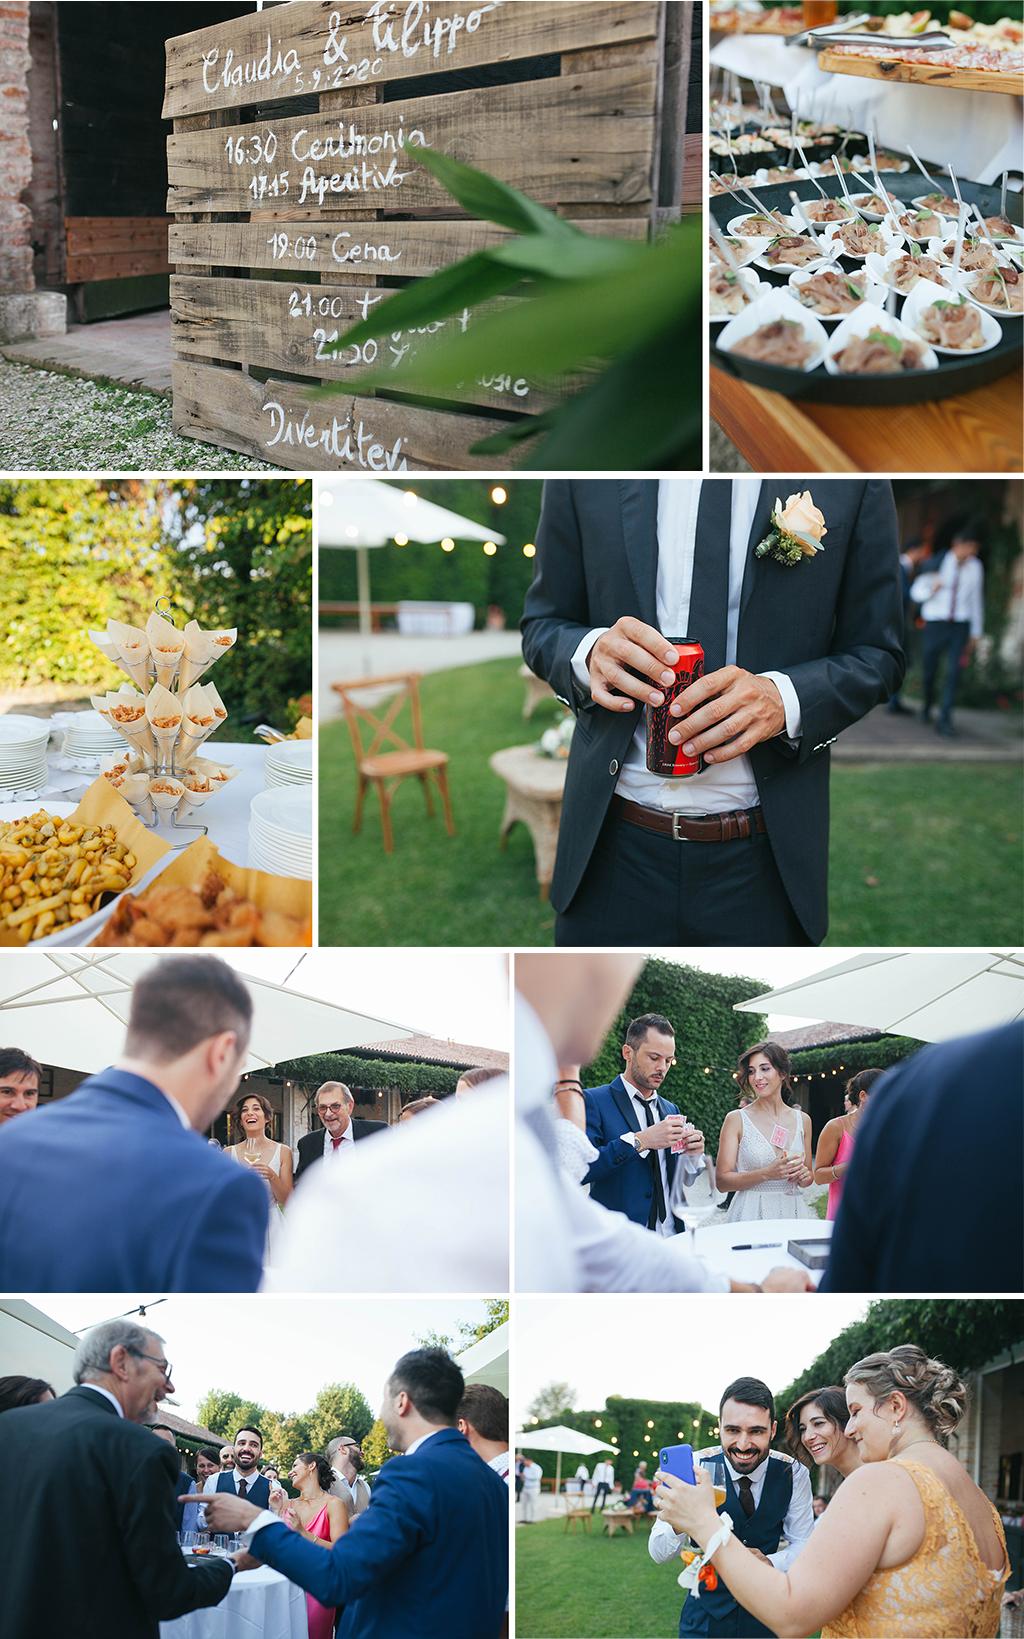 matrimonio le risare padova conegliano treviso veneto Deborah Brugnera ricevimento aperitivo matrimonio